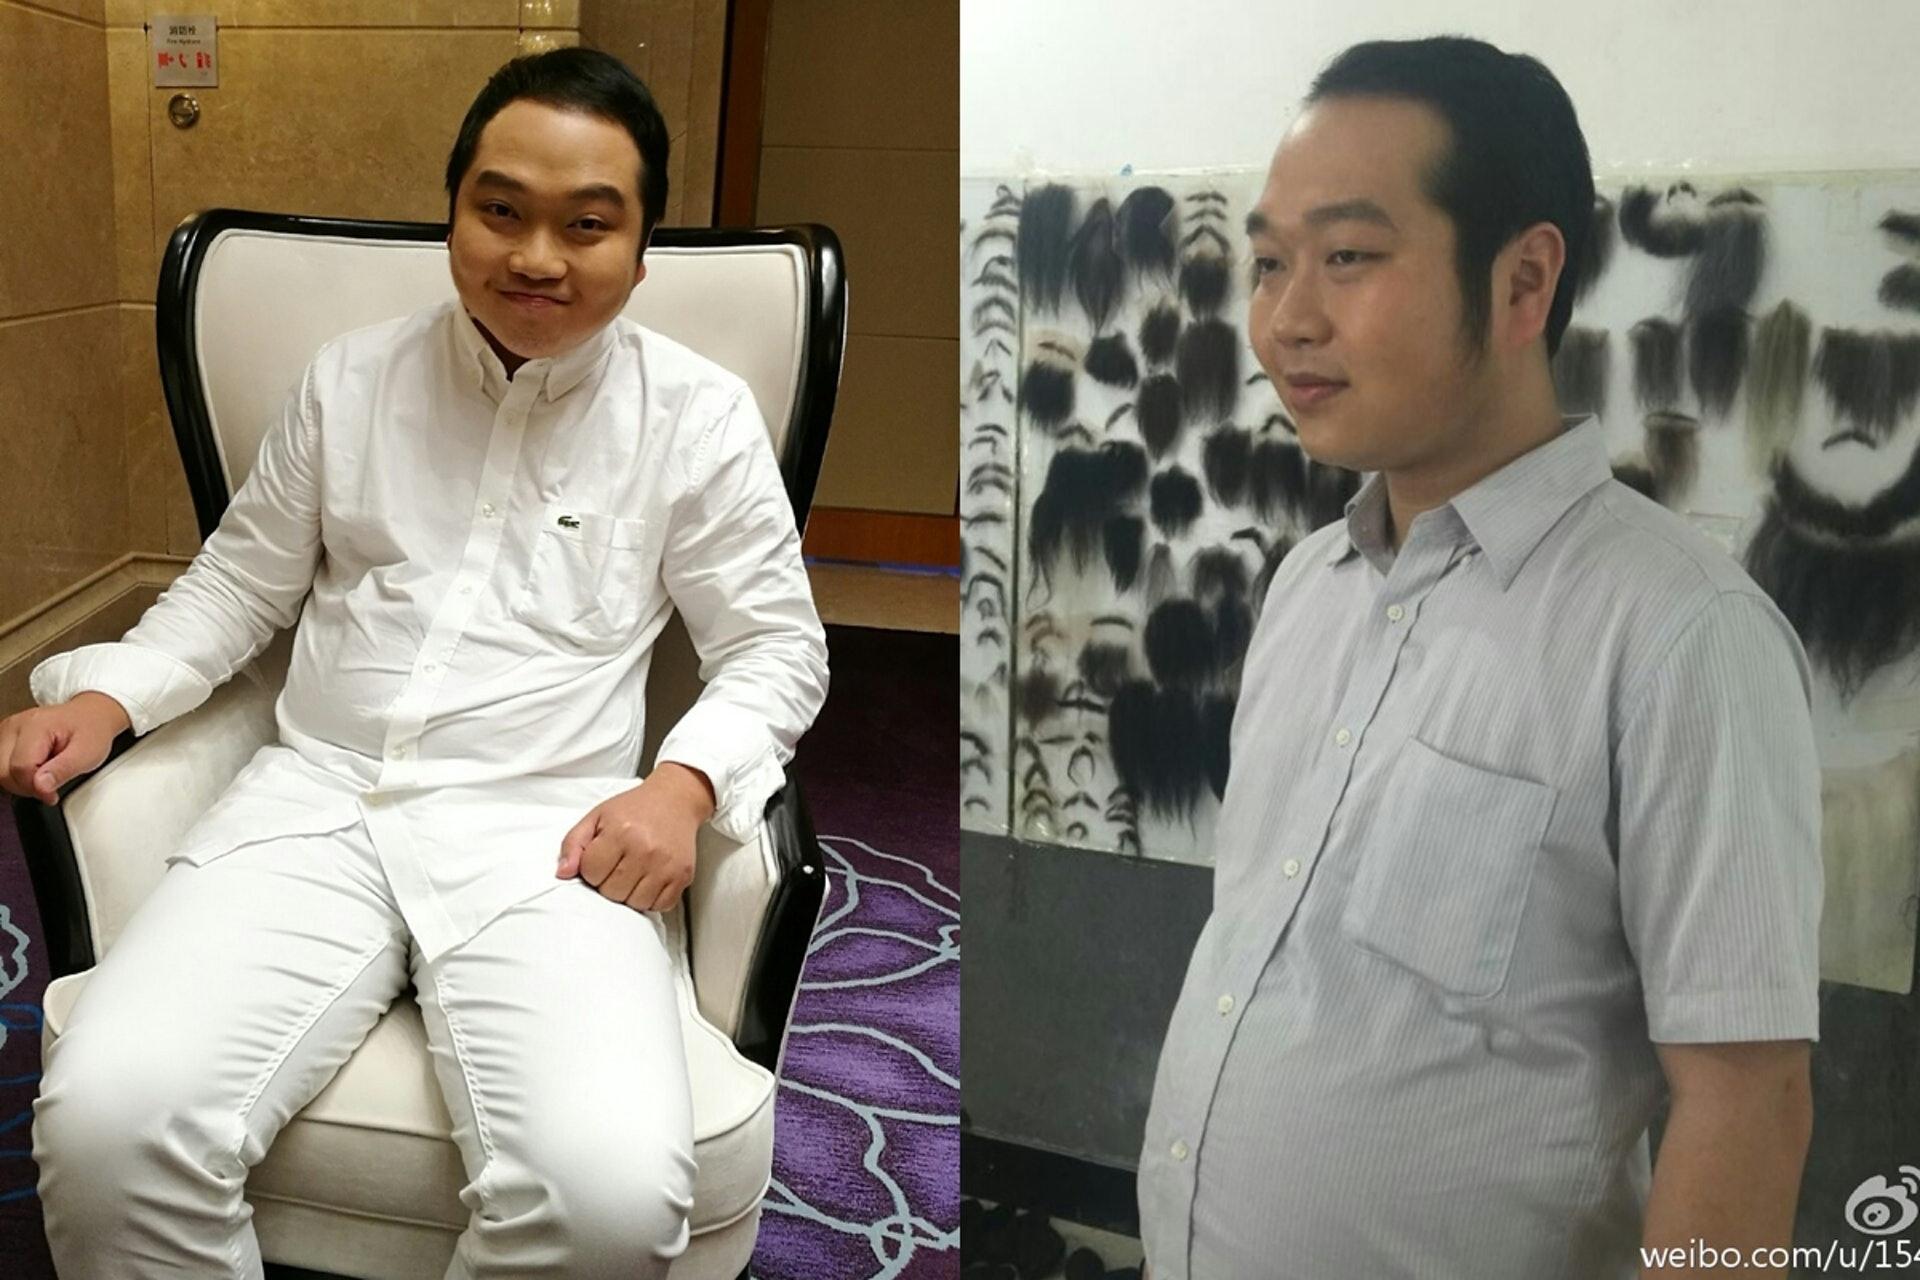 Ha Van Huy - chang ngo phim Chau Tinh Tri tro thanh trieu phu hinh anh 2 ha_van_huy3.jpg